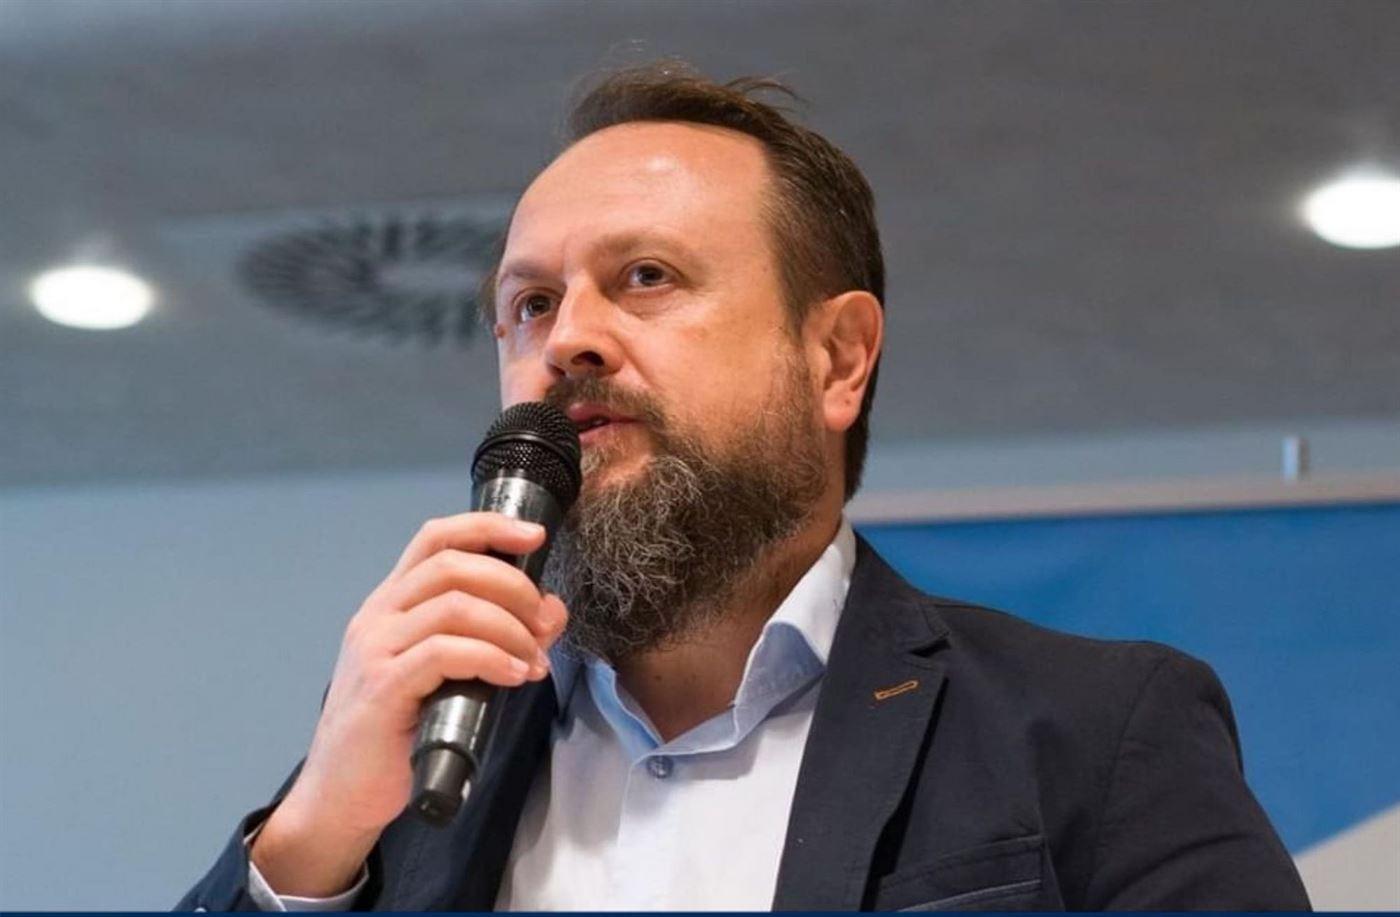 Cătălin Stancu vrea să fie parte activă în procesul de schimbare a societății românești